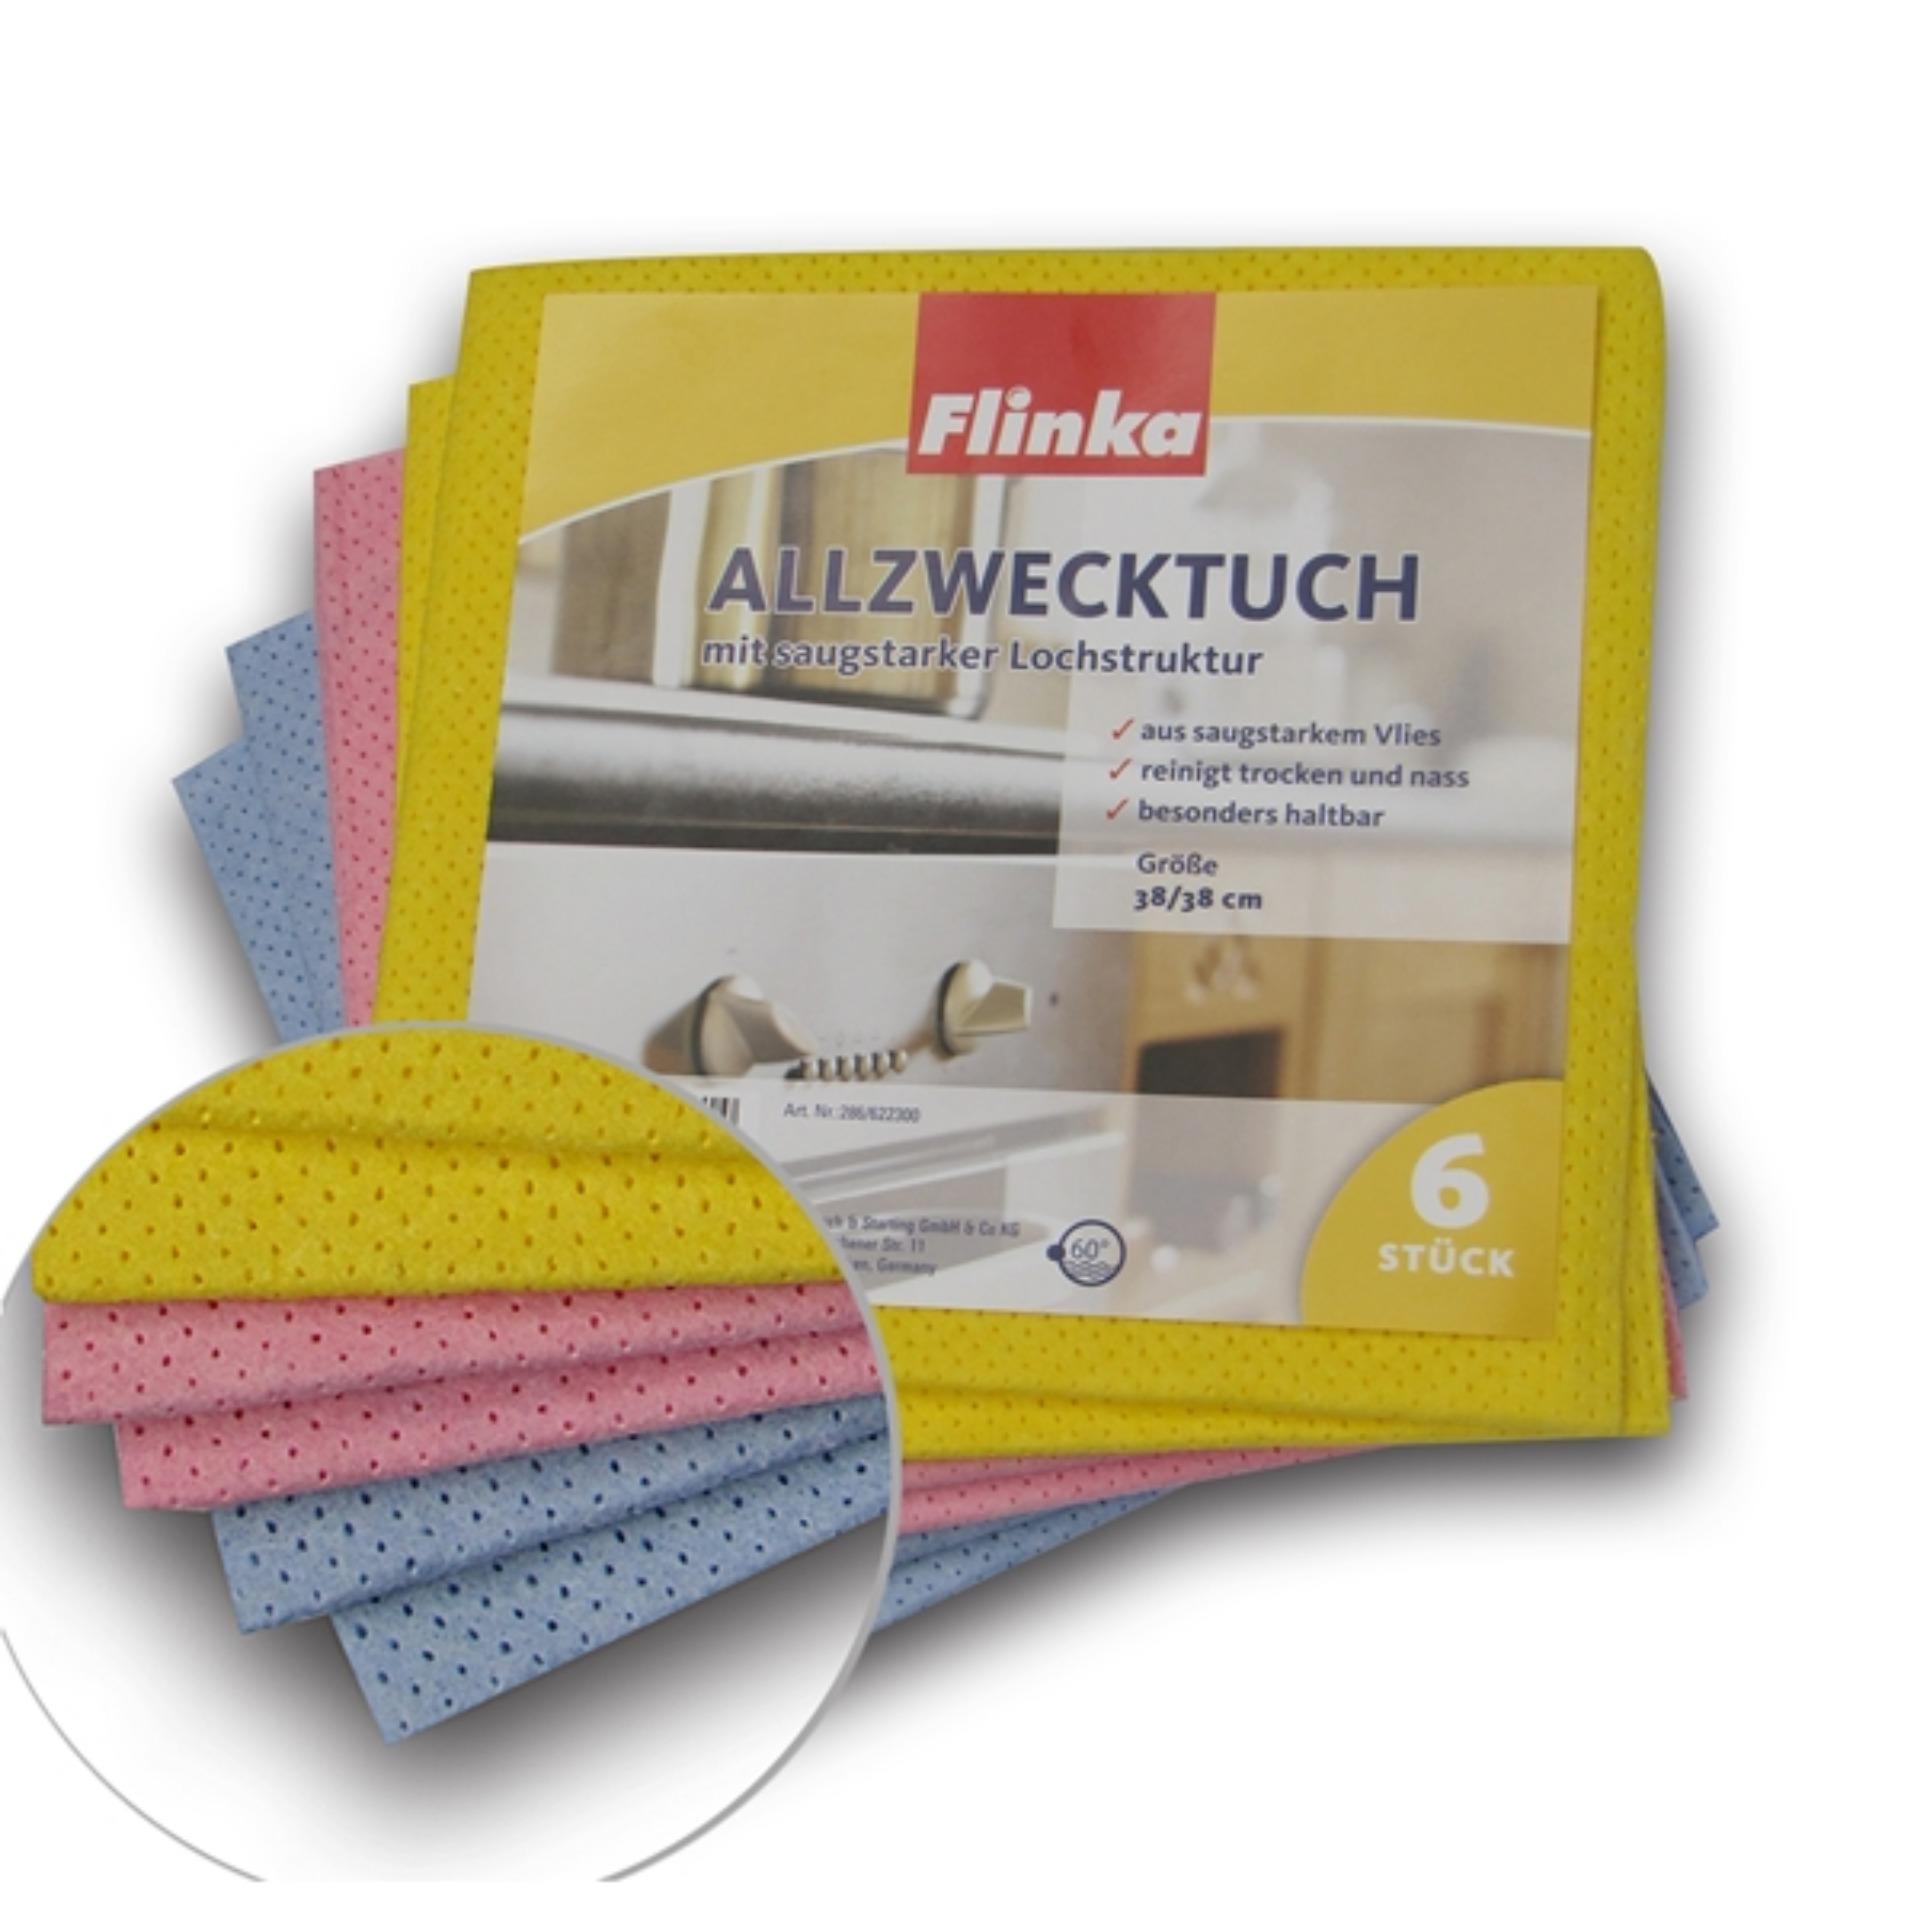 Khăn lau lỗ thoáng Flinka 286 ( túi 6 chiếc *nhập khẩu nguyên túi tại CHLB Đức)